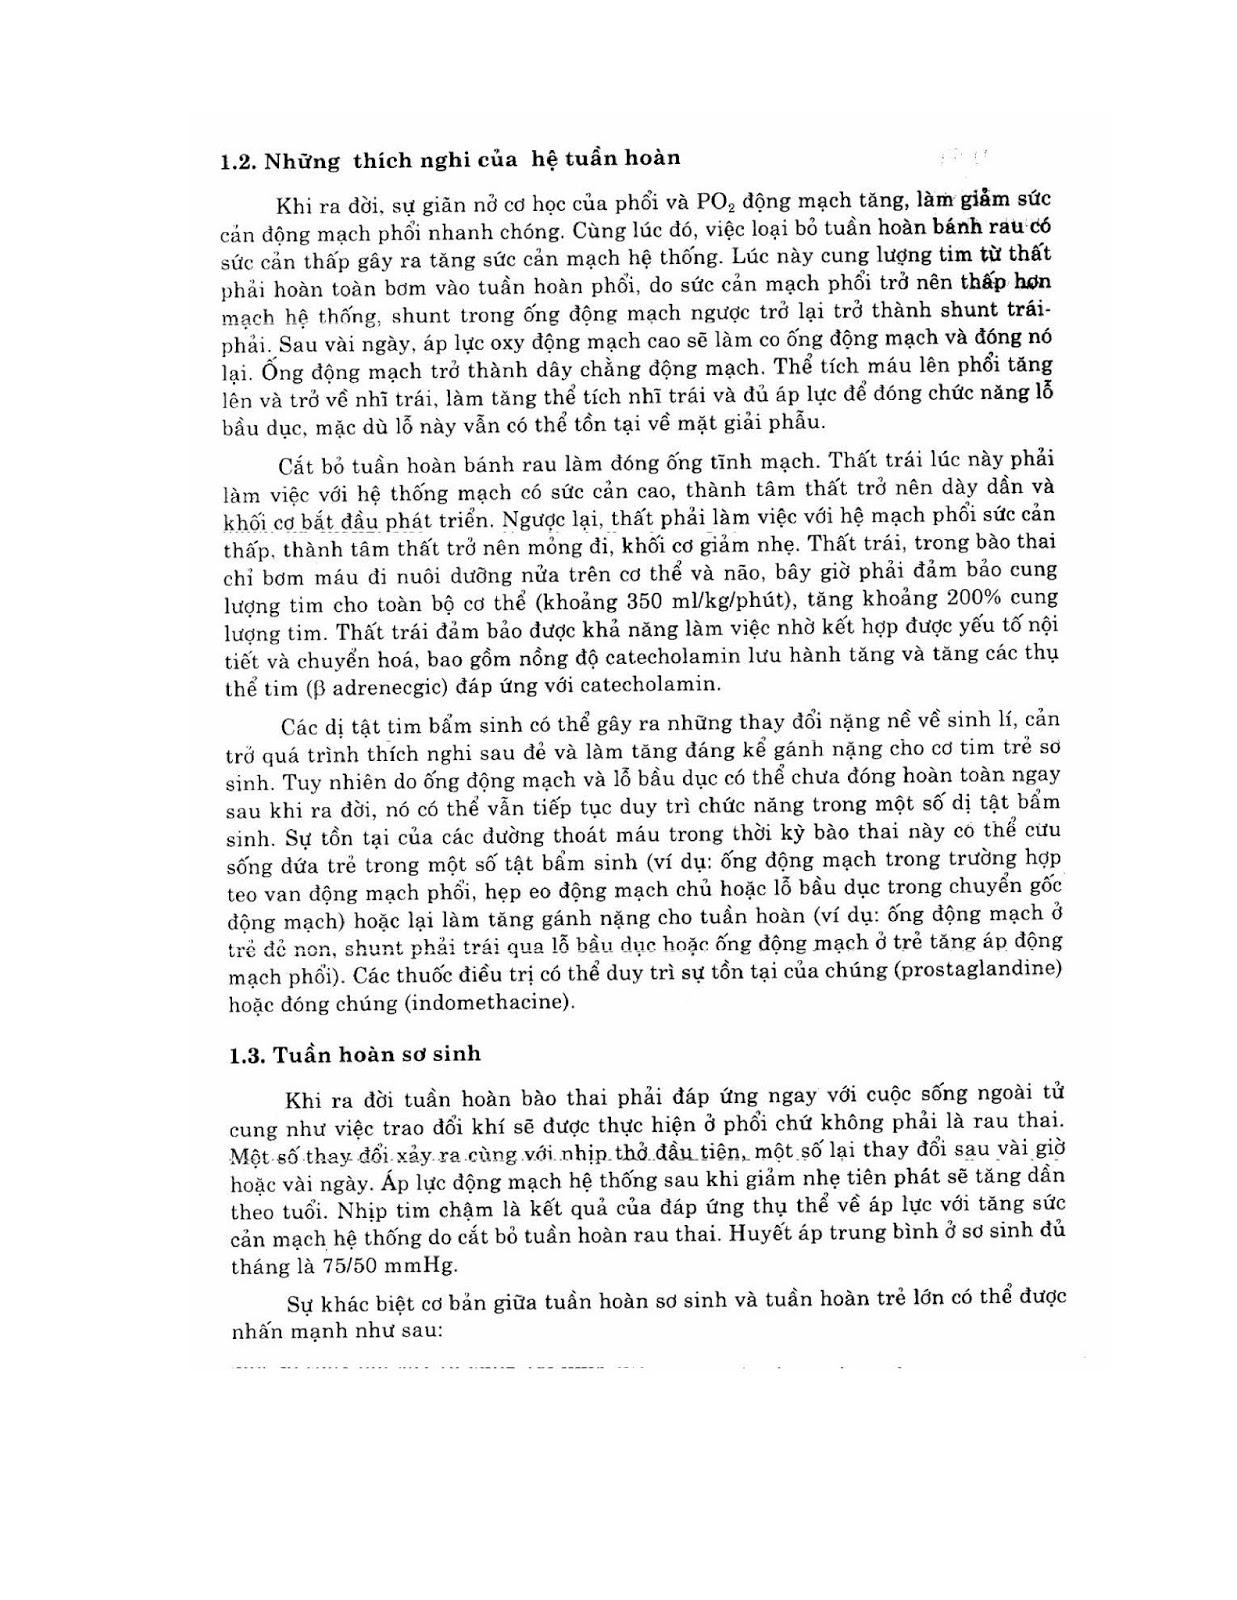 Trang 7 sach Bài giảng Nhi khoa - ĐH Y Hà Nội (Tập 2)